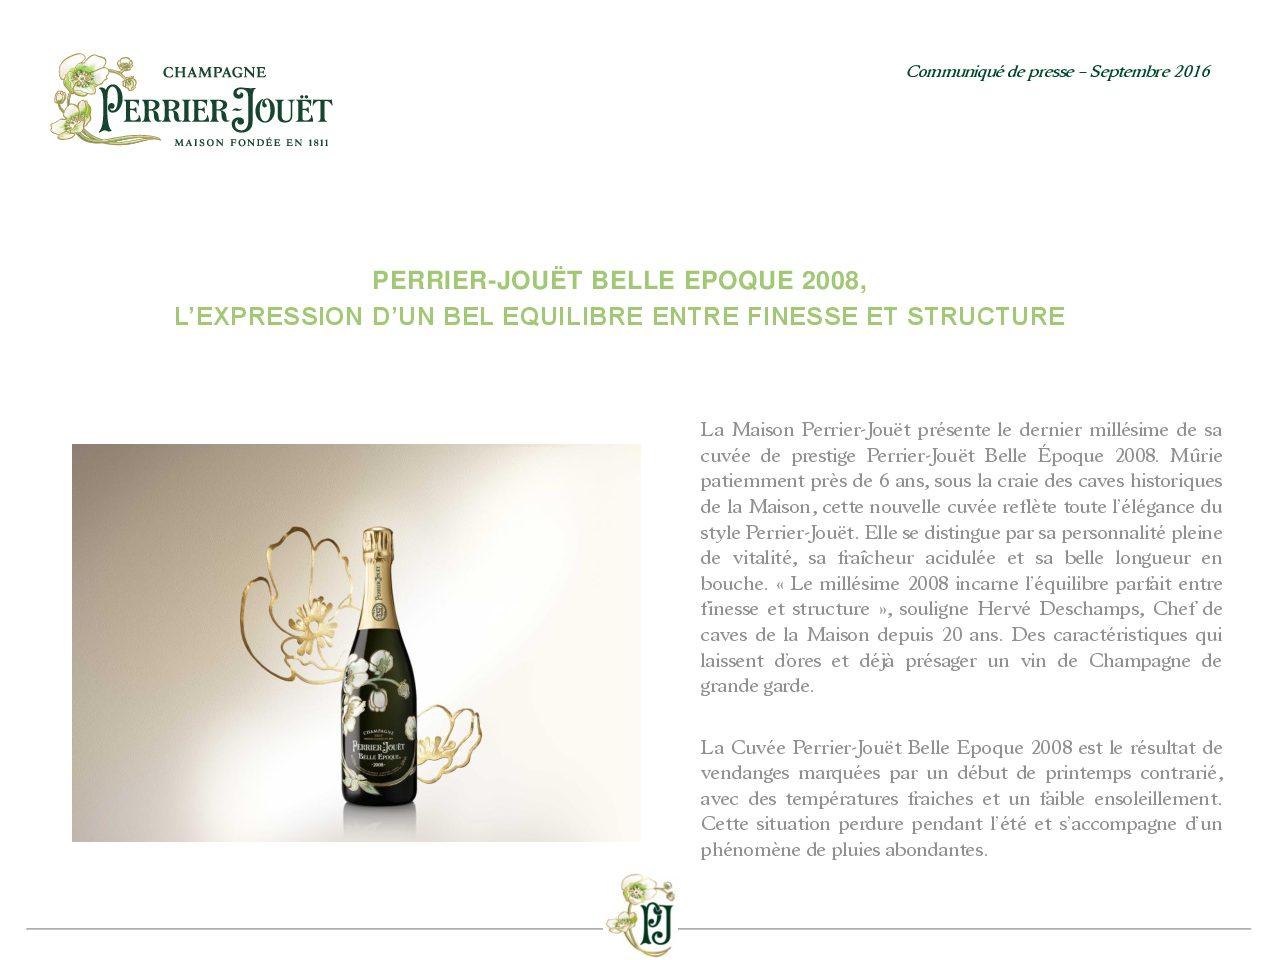 Communiqué de presse Perrier-Jouët Belle Epoque 2008